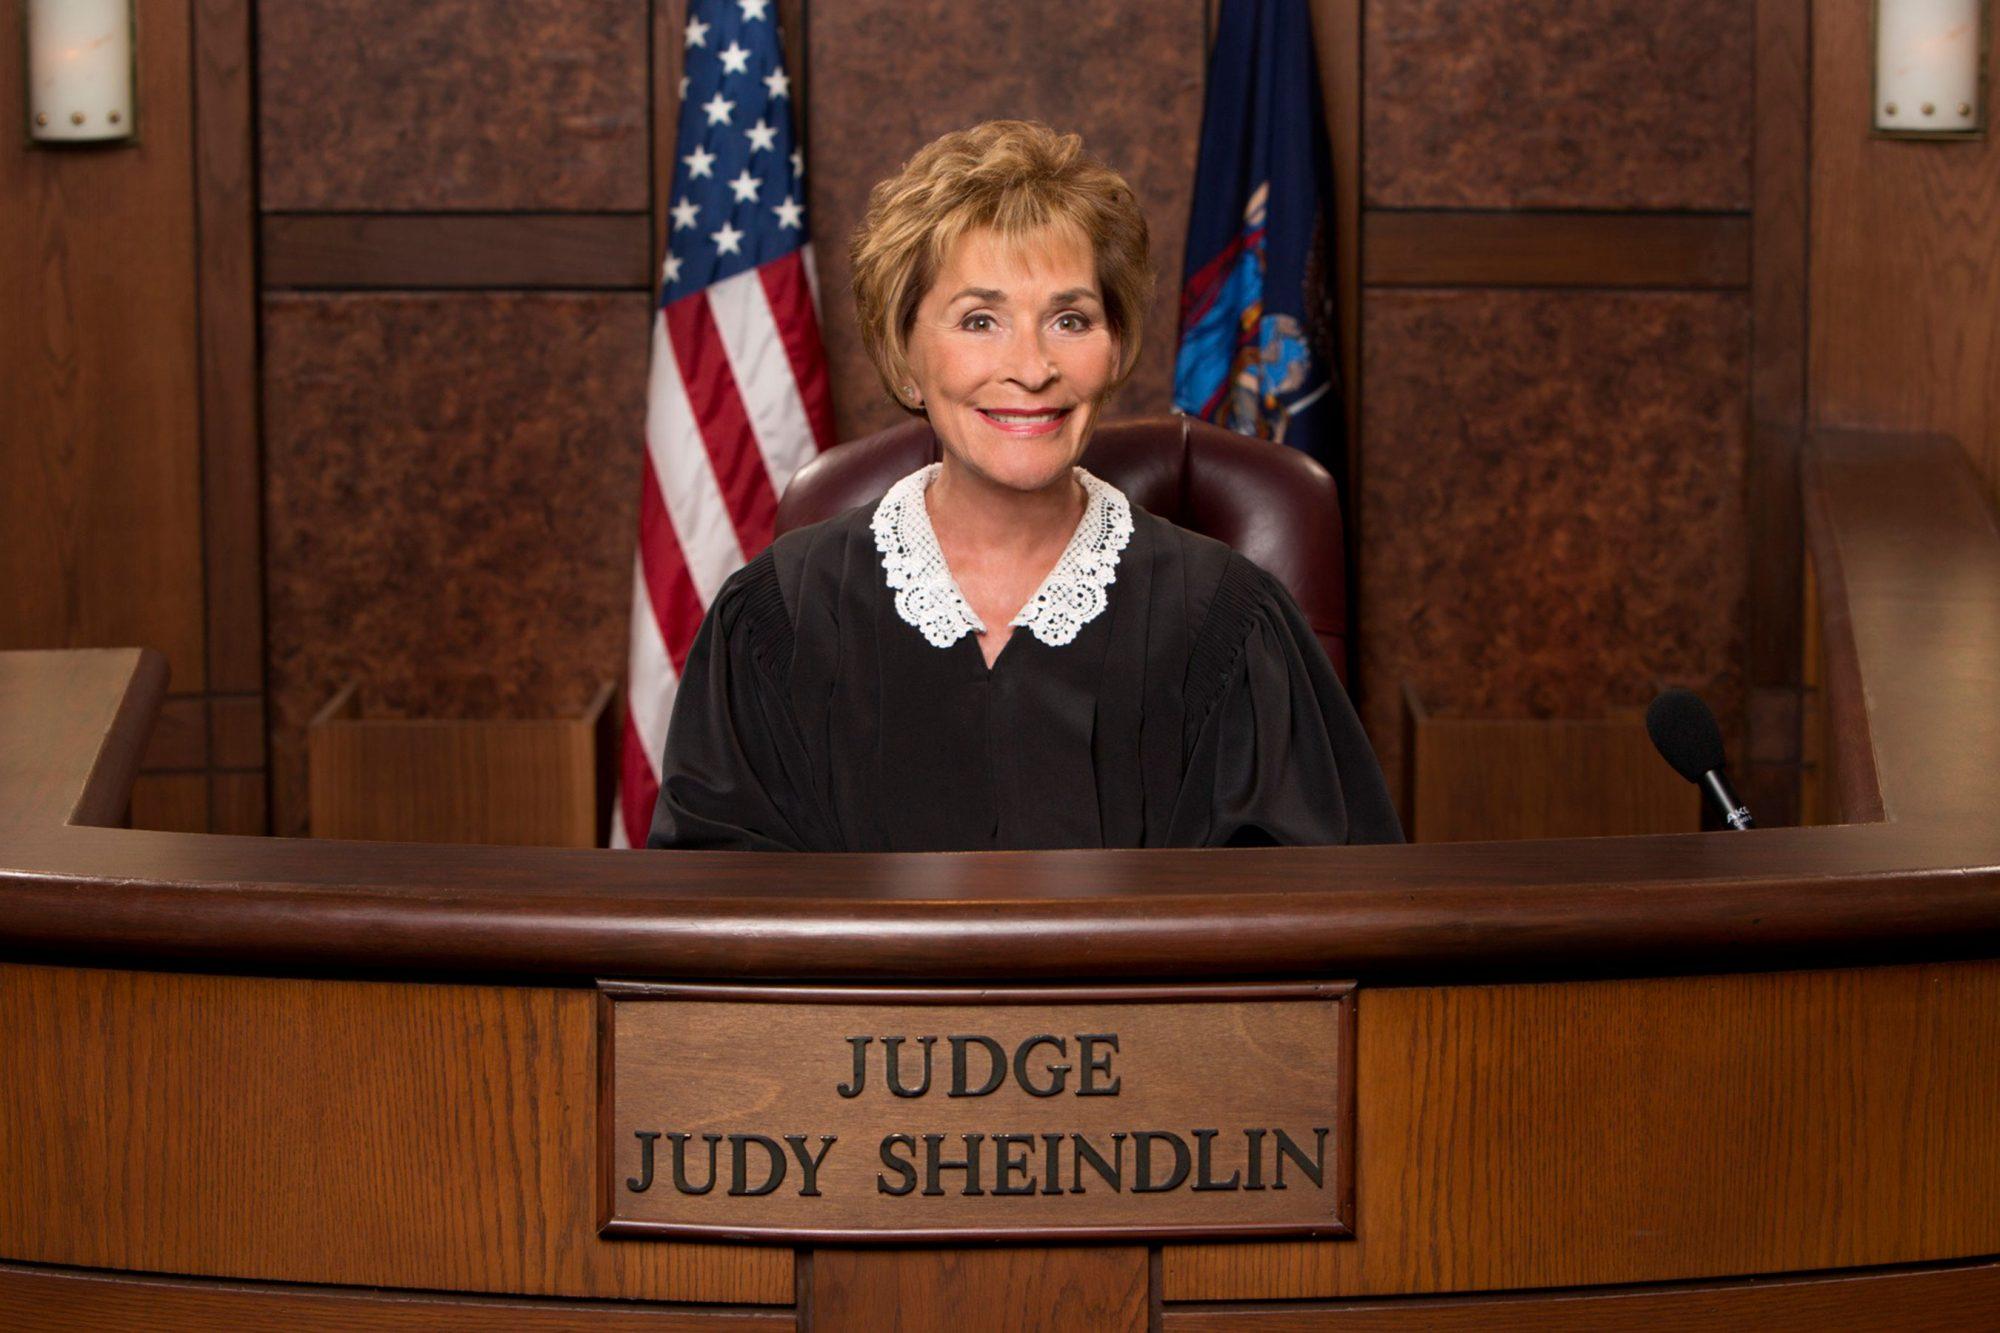 Judge Judy Gallery